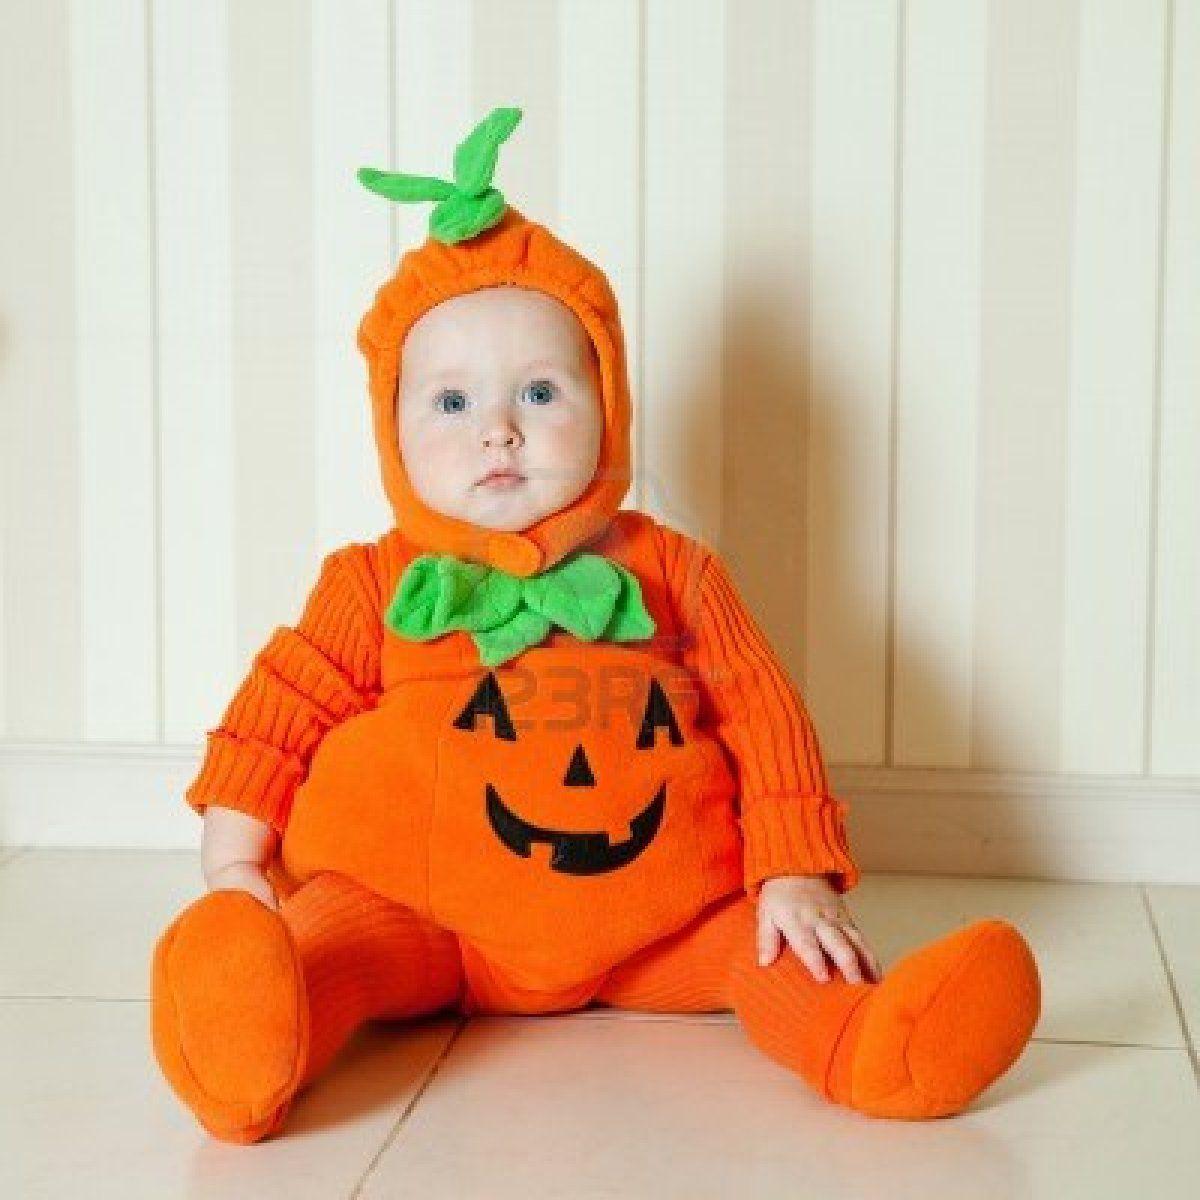 niños y bebés disfrazados de calabaza. Fotos de bebés